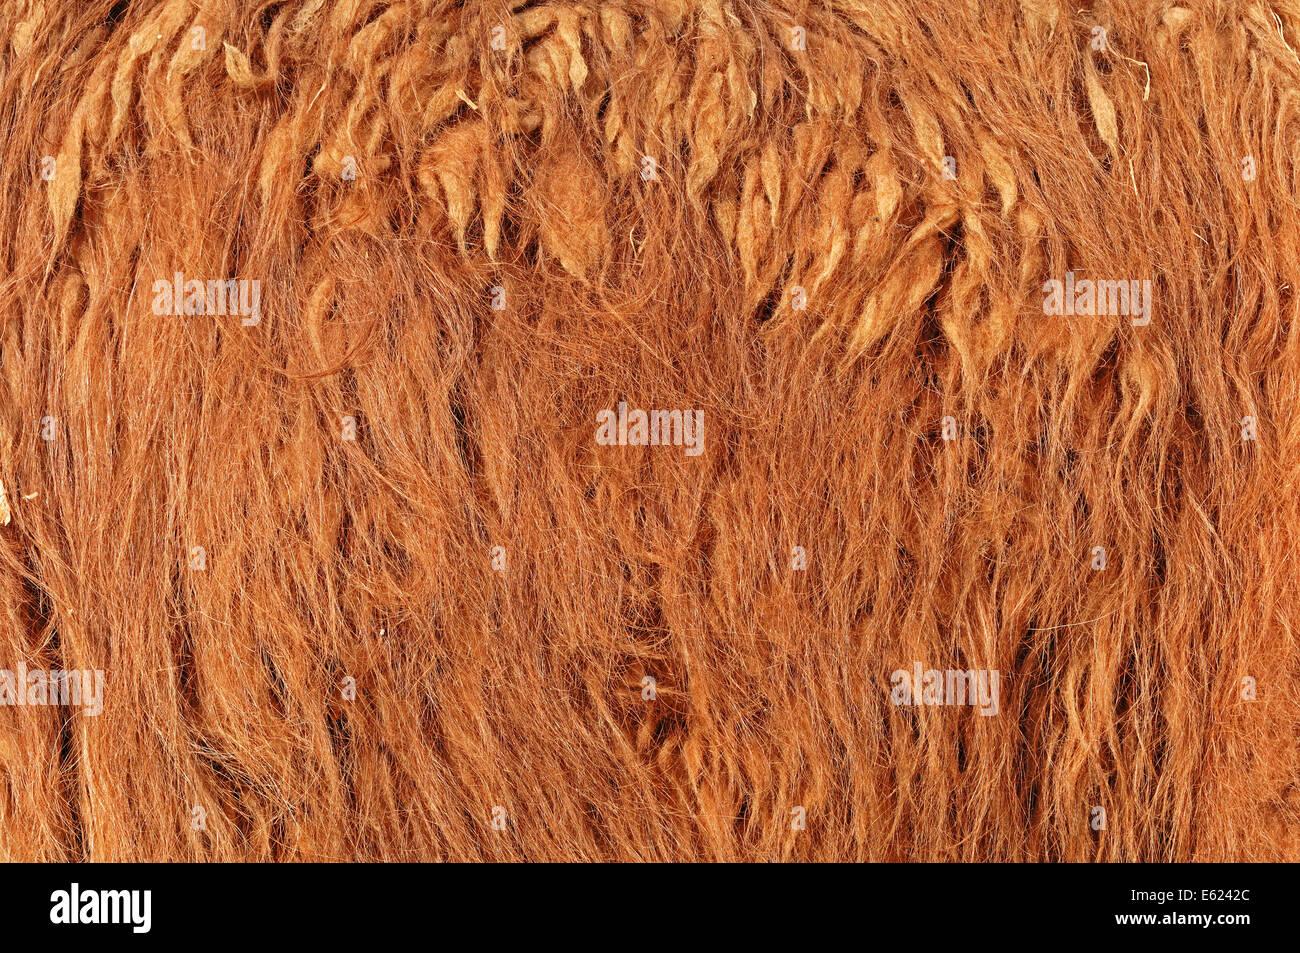 Alpaca (Lama pacos), coat detail - Stock Image